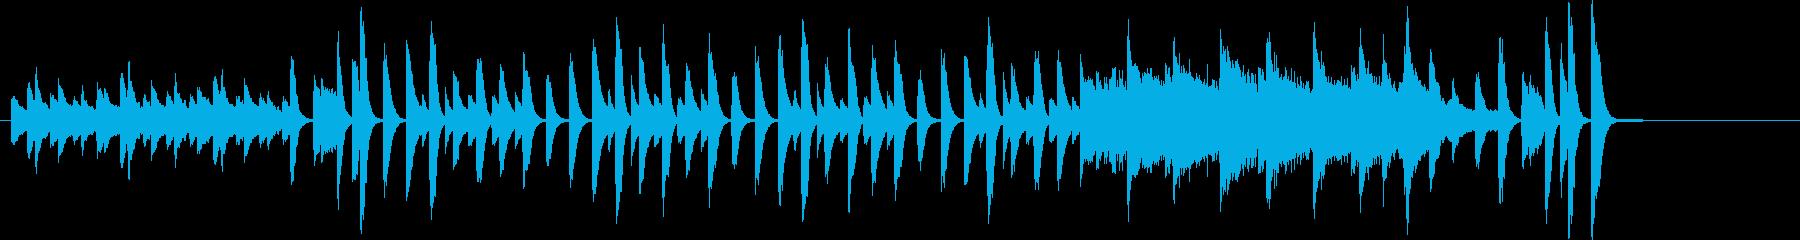 明るく楽しいが切なさあるピアノソロハーフの再生済みの波形